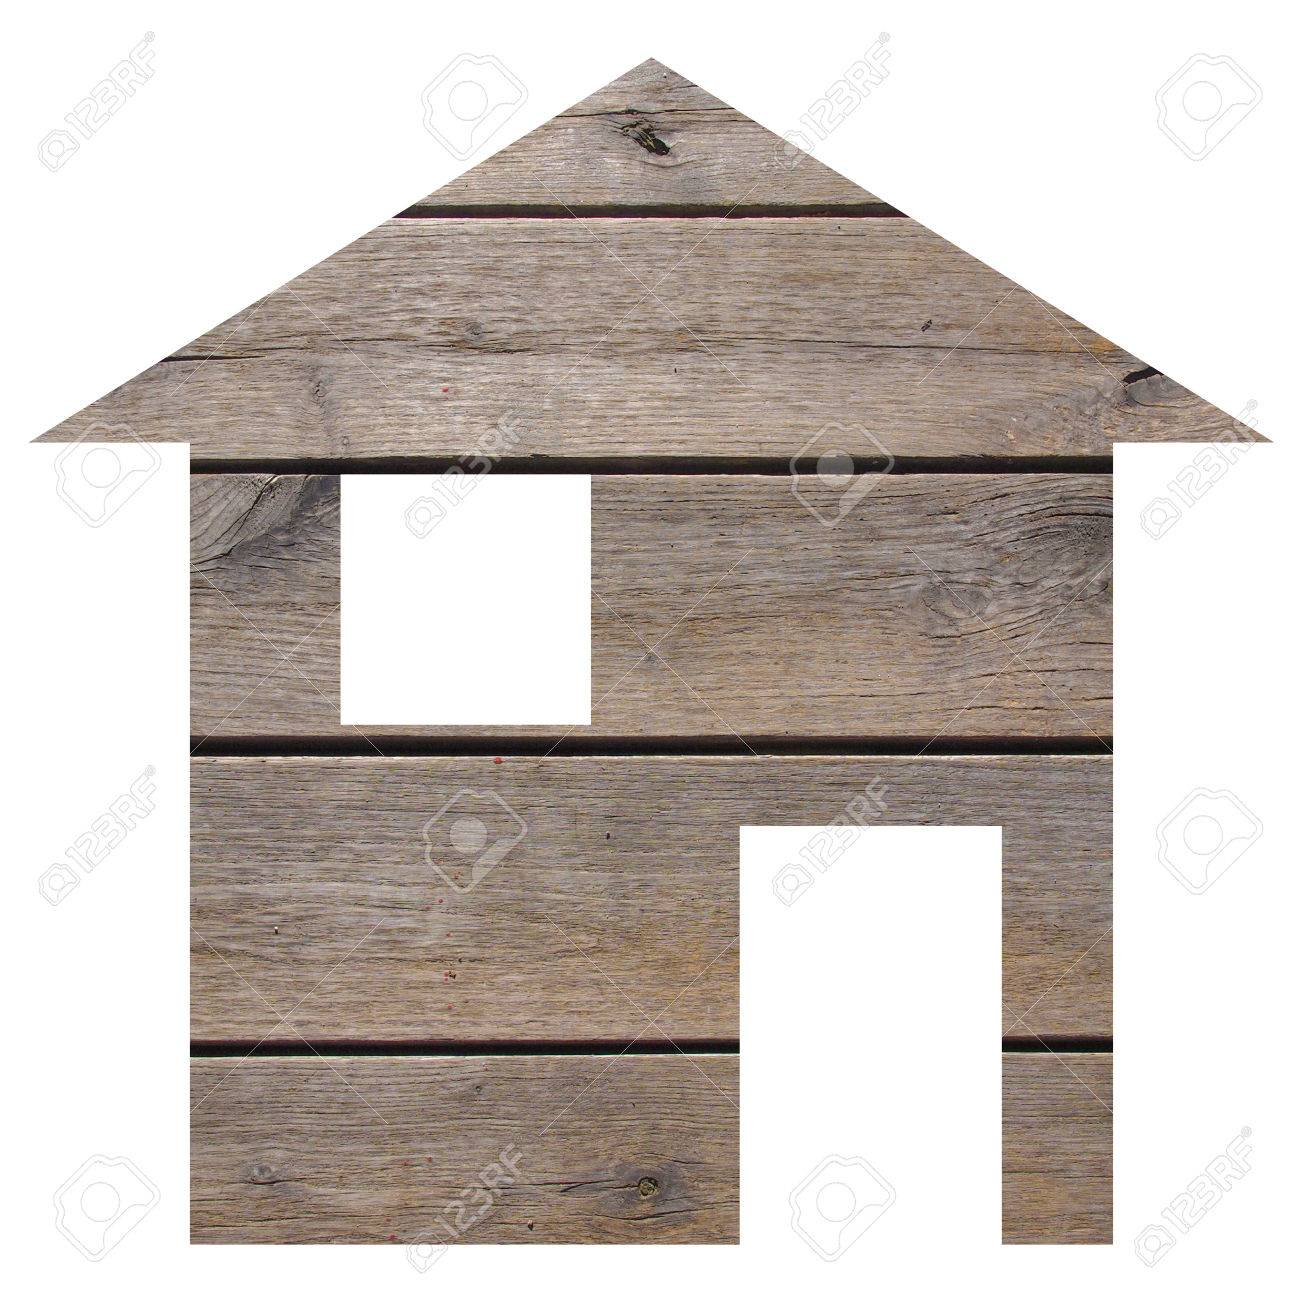 2d model of house